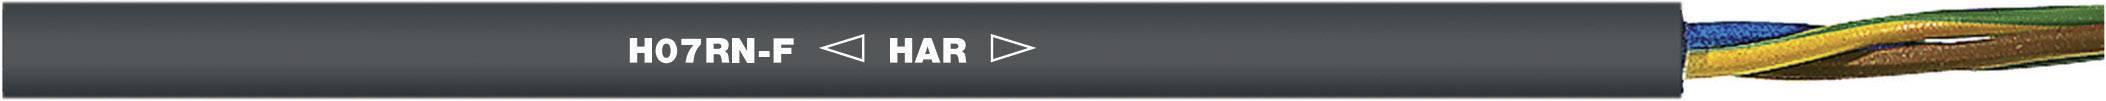 Prístrojové el.vodiče, vodiče s gumovou izoláciou